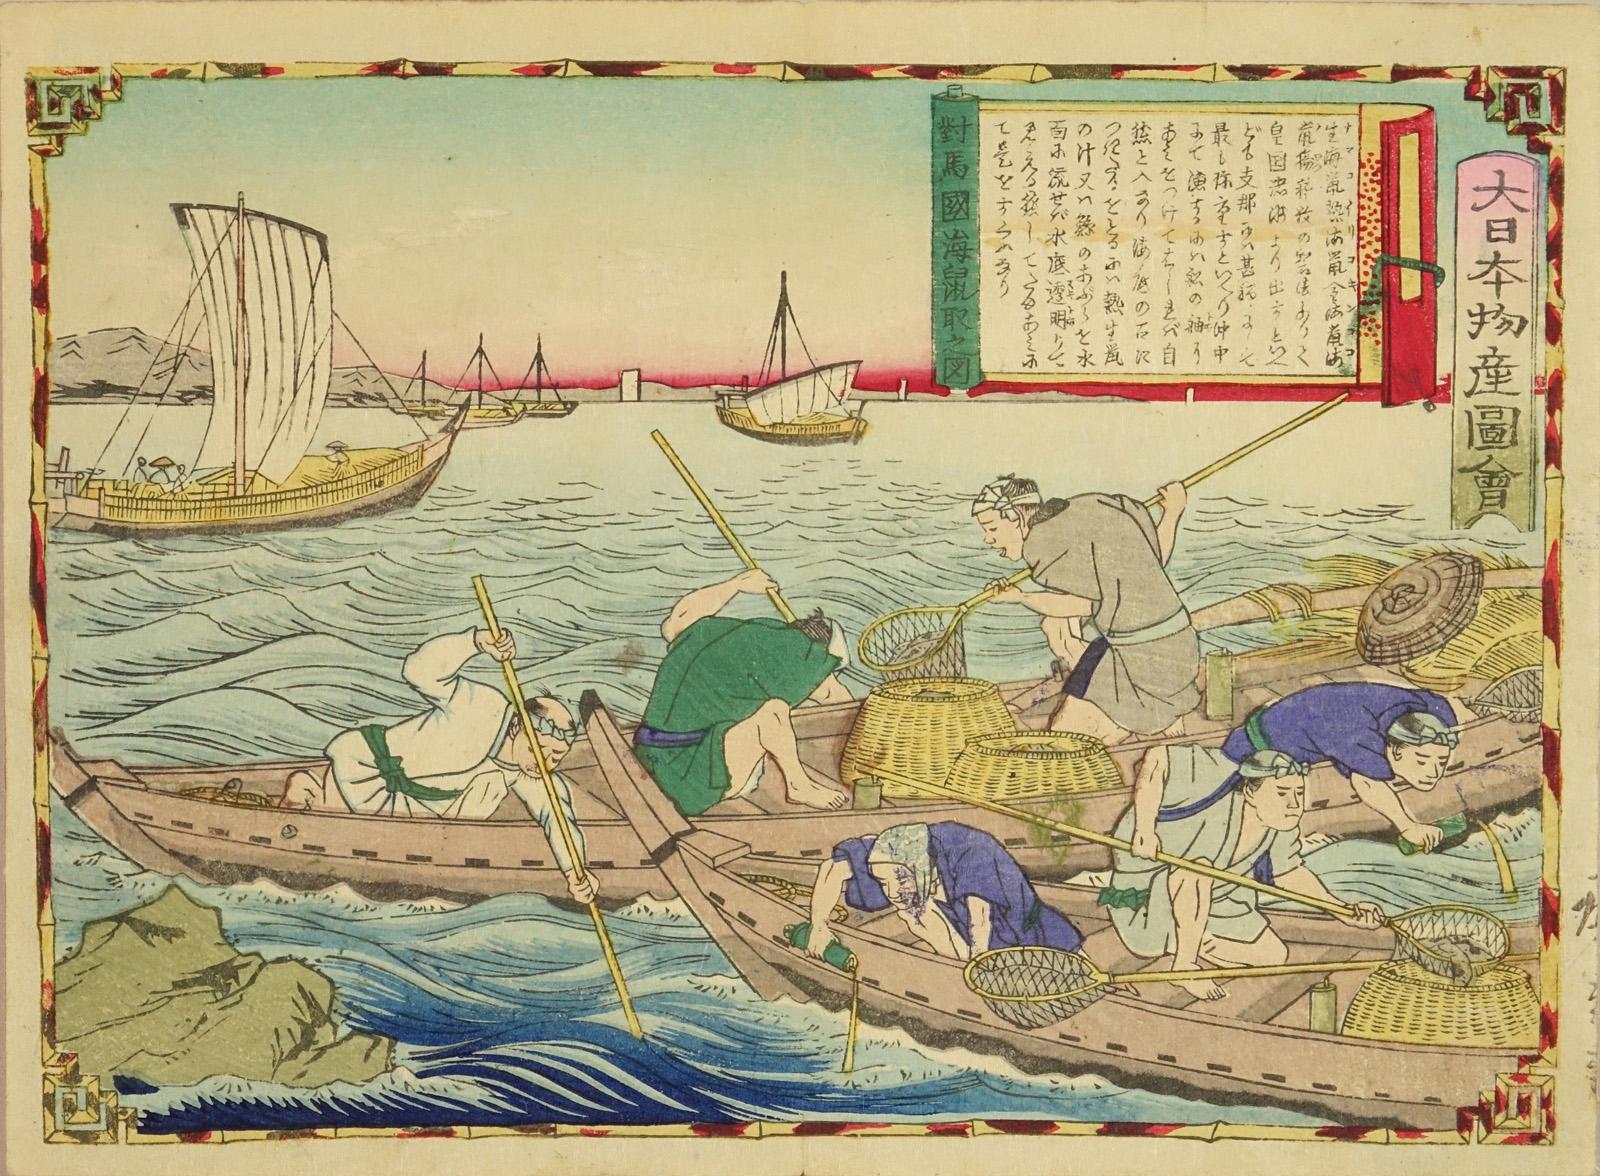 広重三代 大日本物産図会 対馬国 海鼠取之図